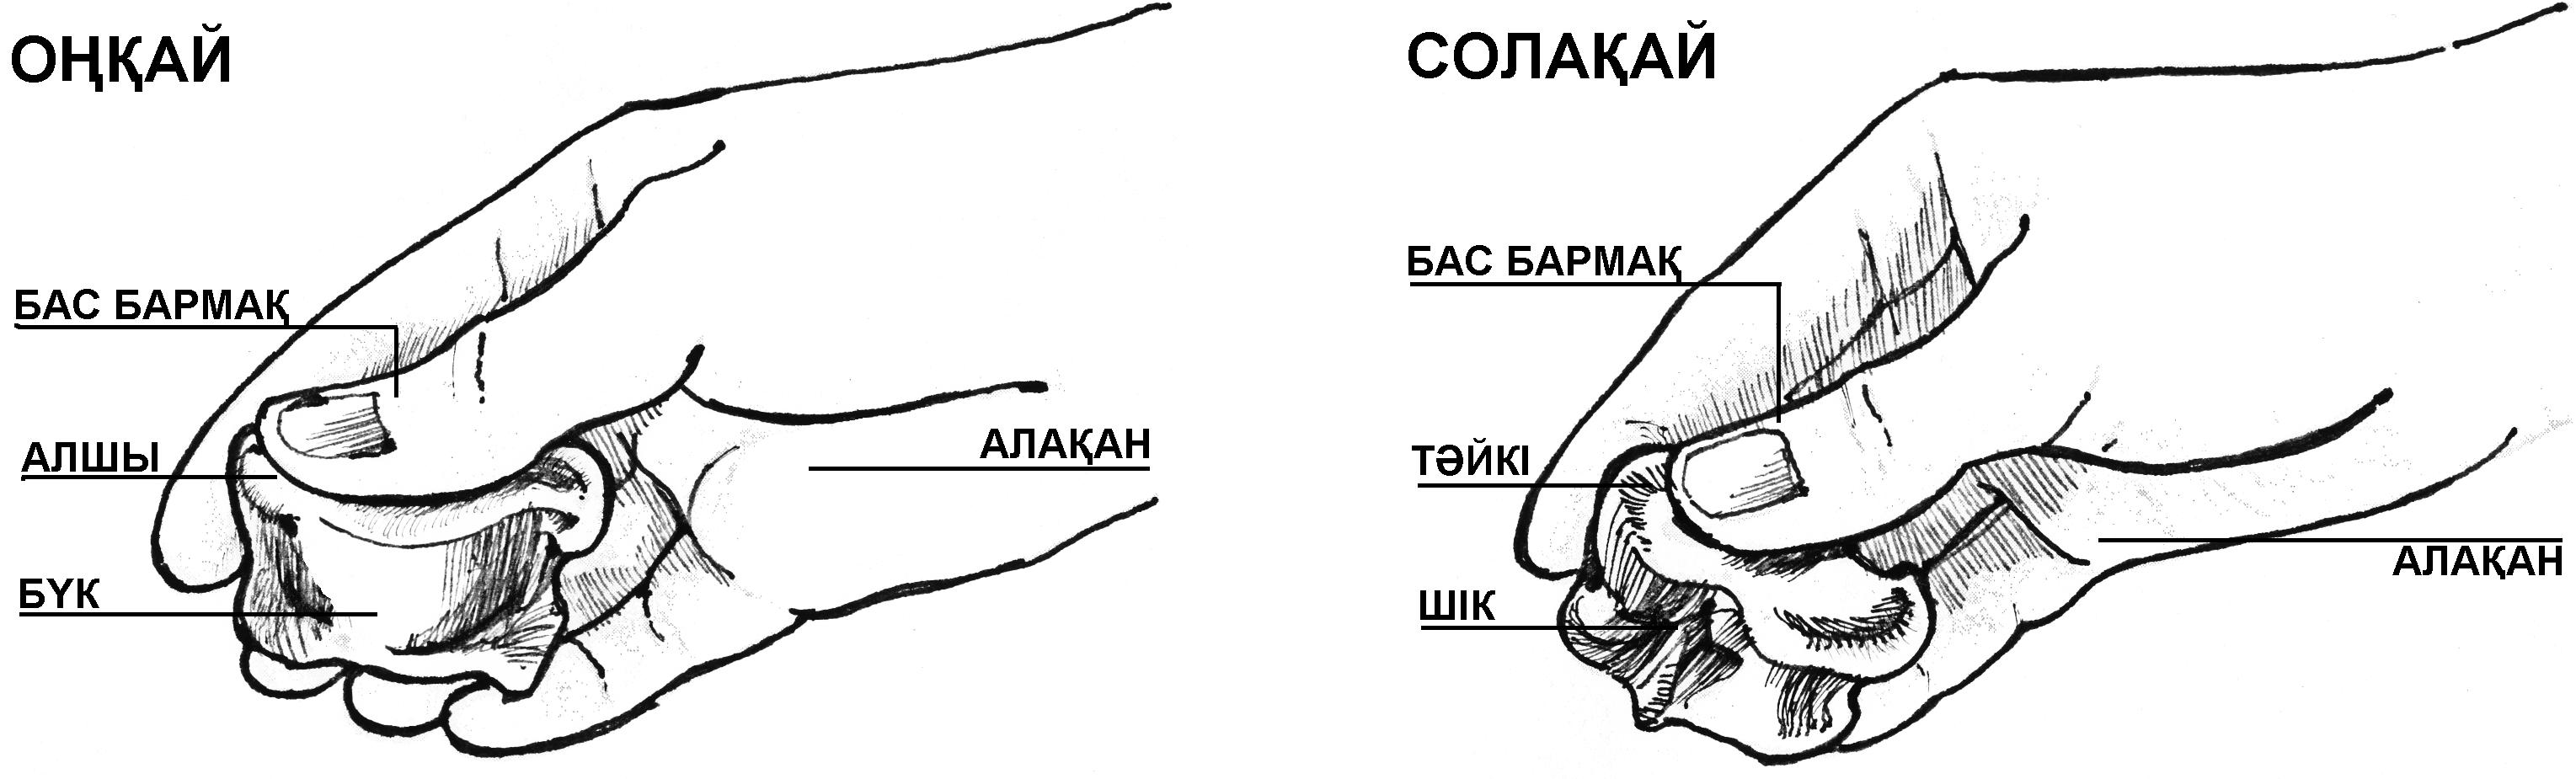 Карта ойыны жеті